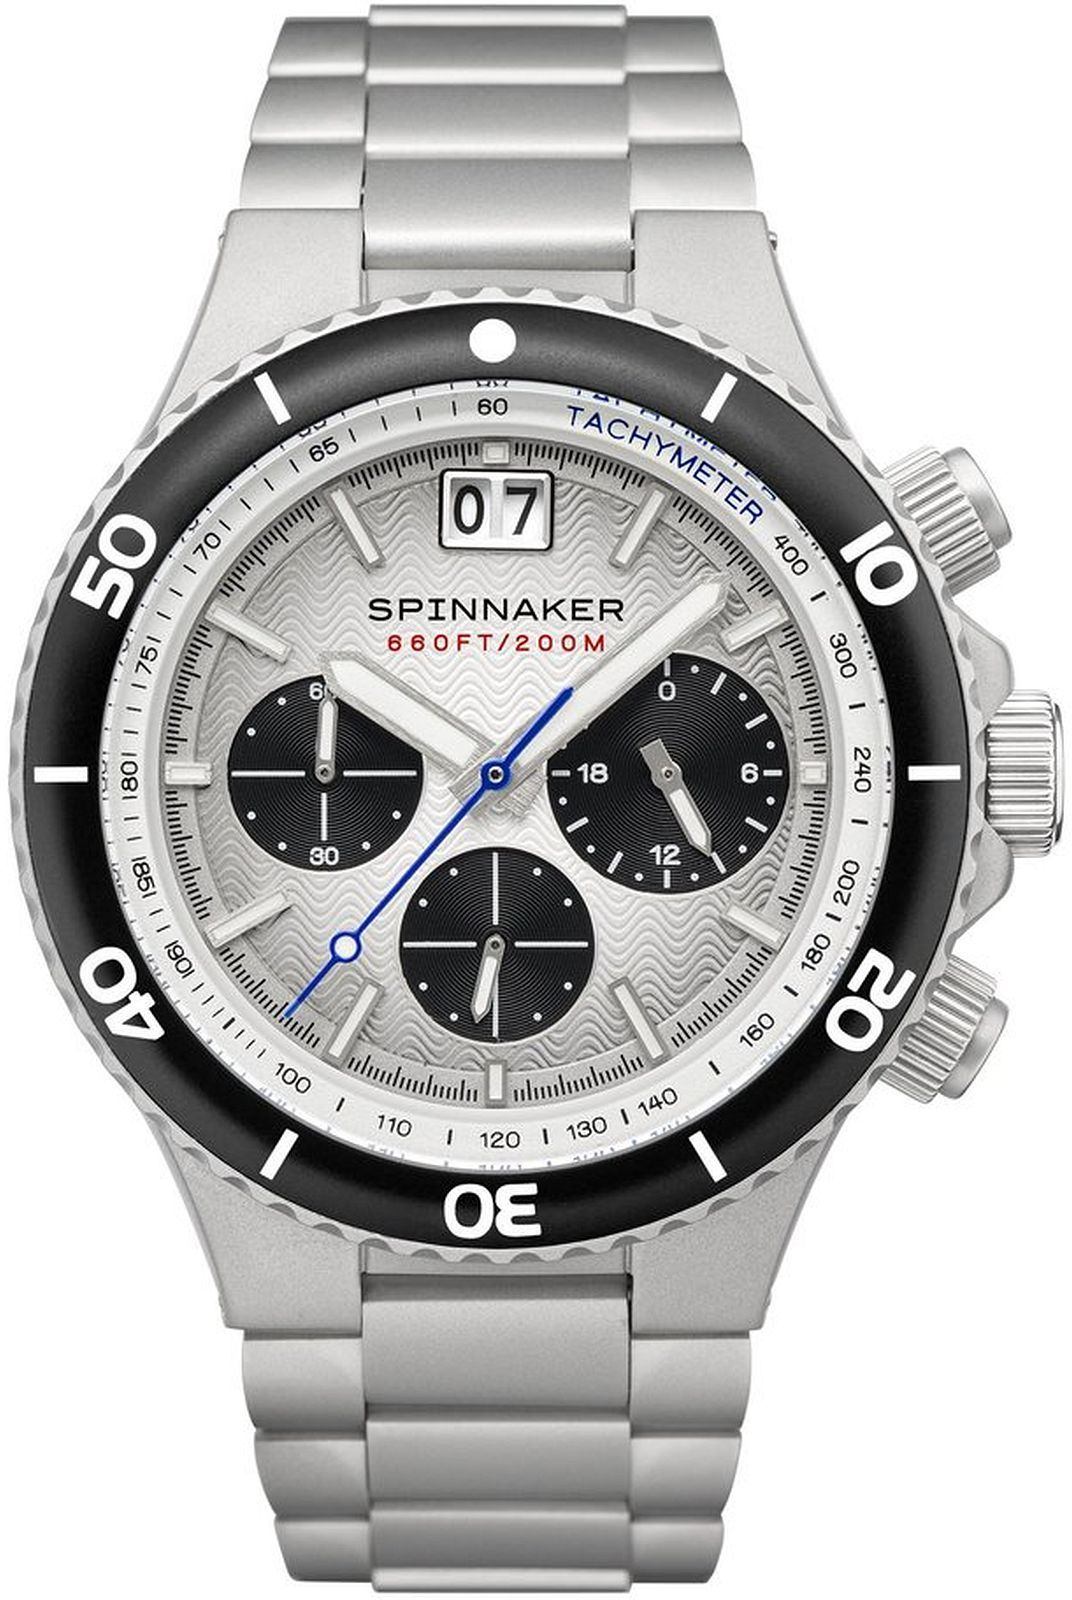 Spinnaker SP-5086-33 > Wysyłka tego samego dnia Grawer 0zł Darmowa dostawa Kurierem/Inpost Darmowy zwrot przez 100 DNI